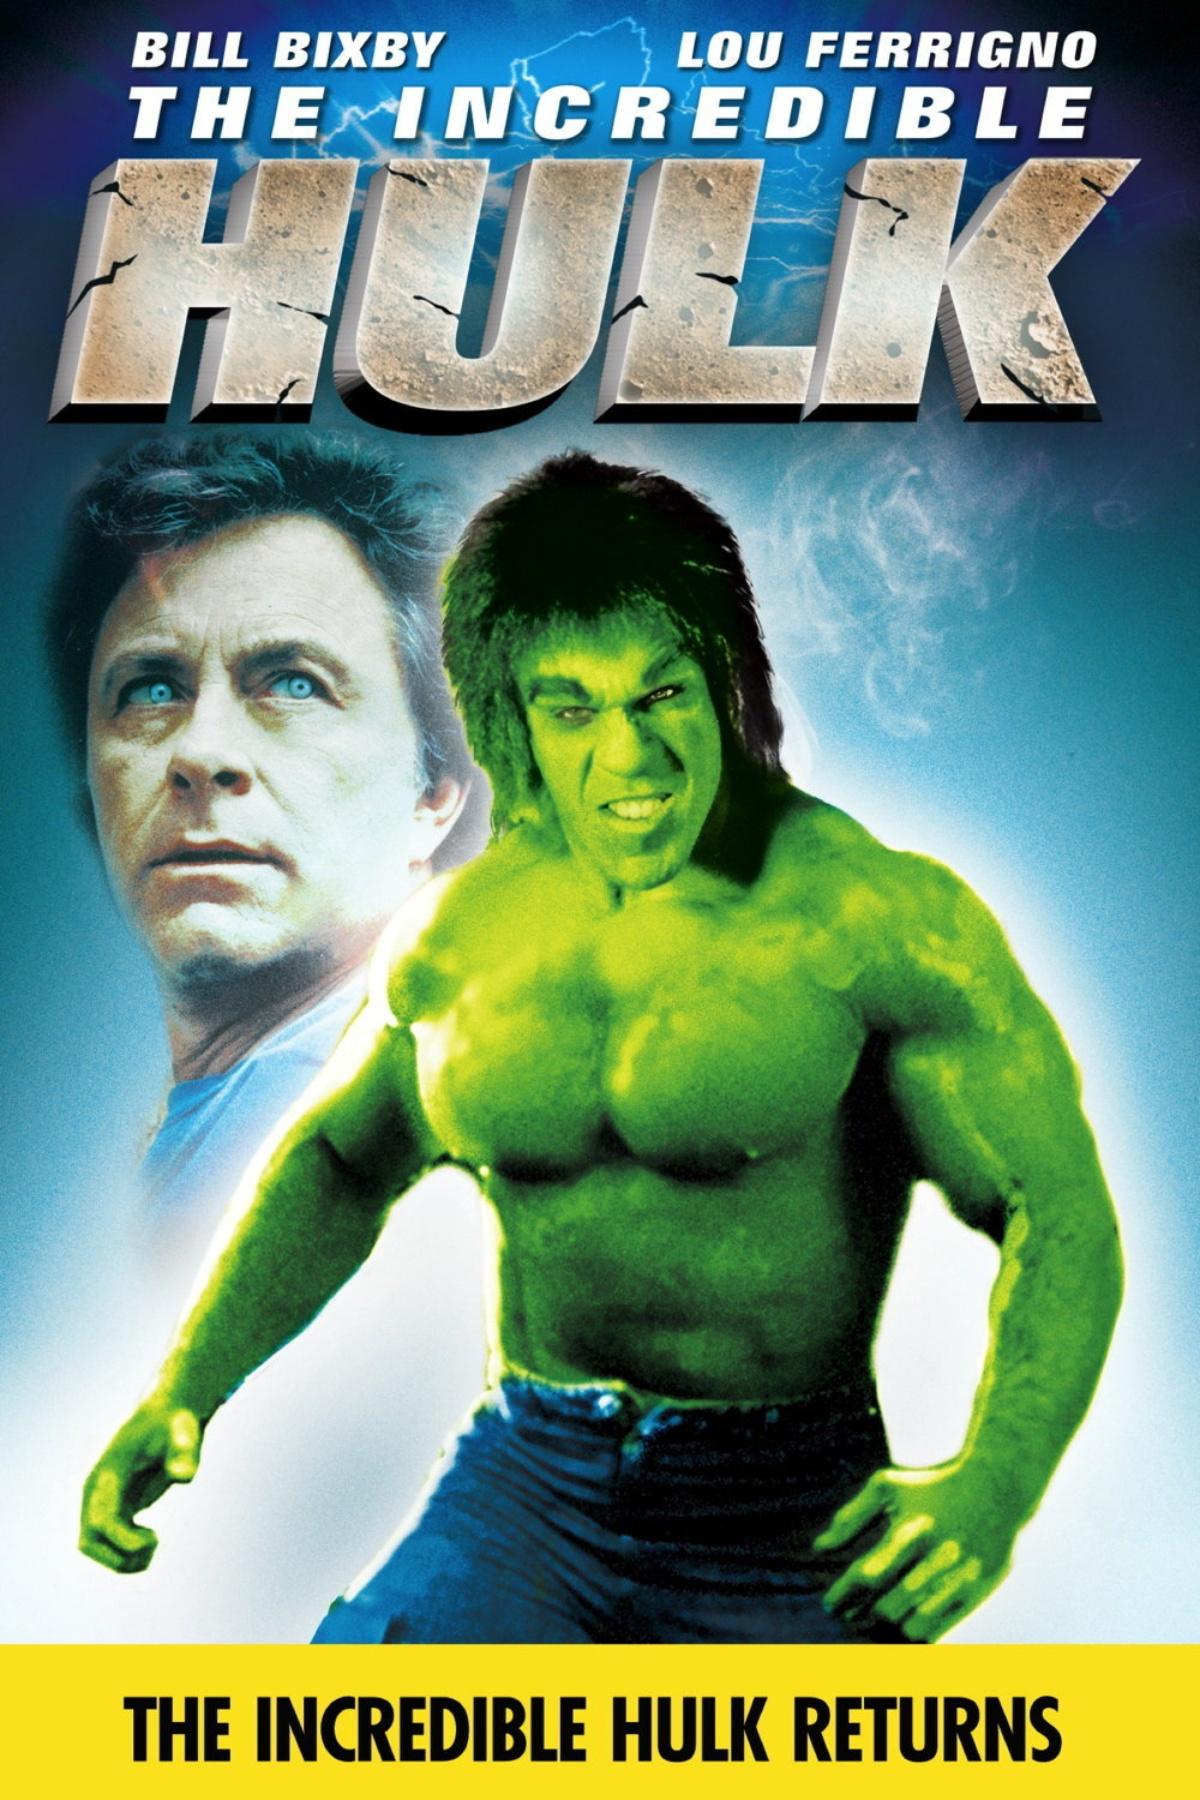 Afbeeldingsresultaat voor lou ferringoincredible hulk poster